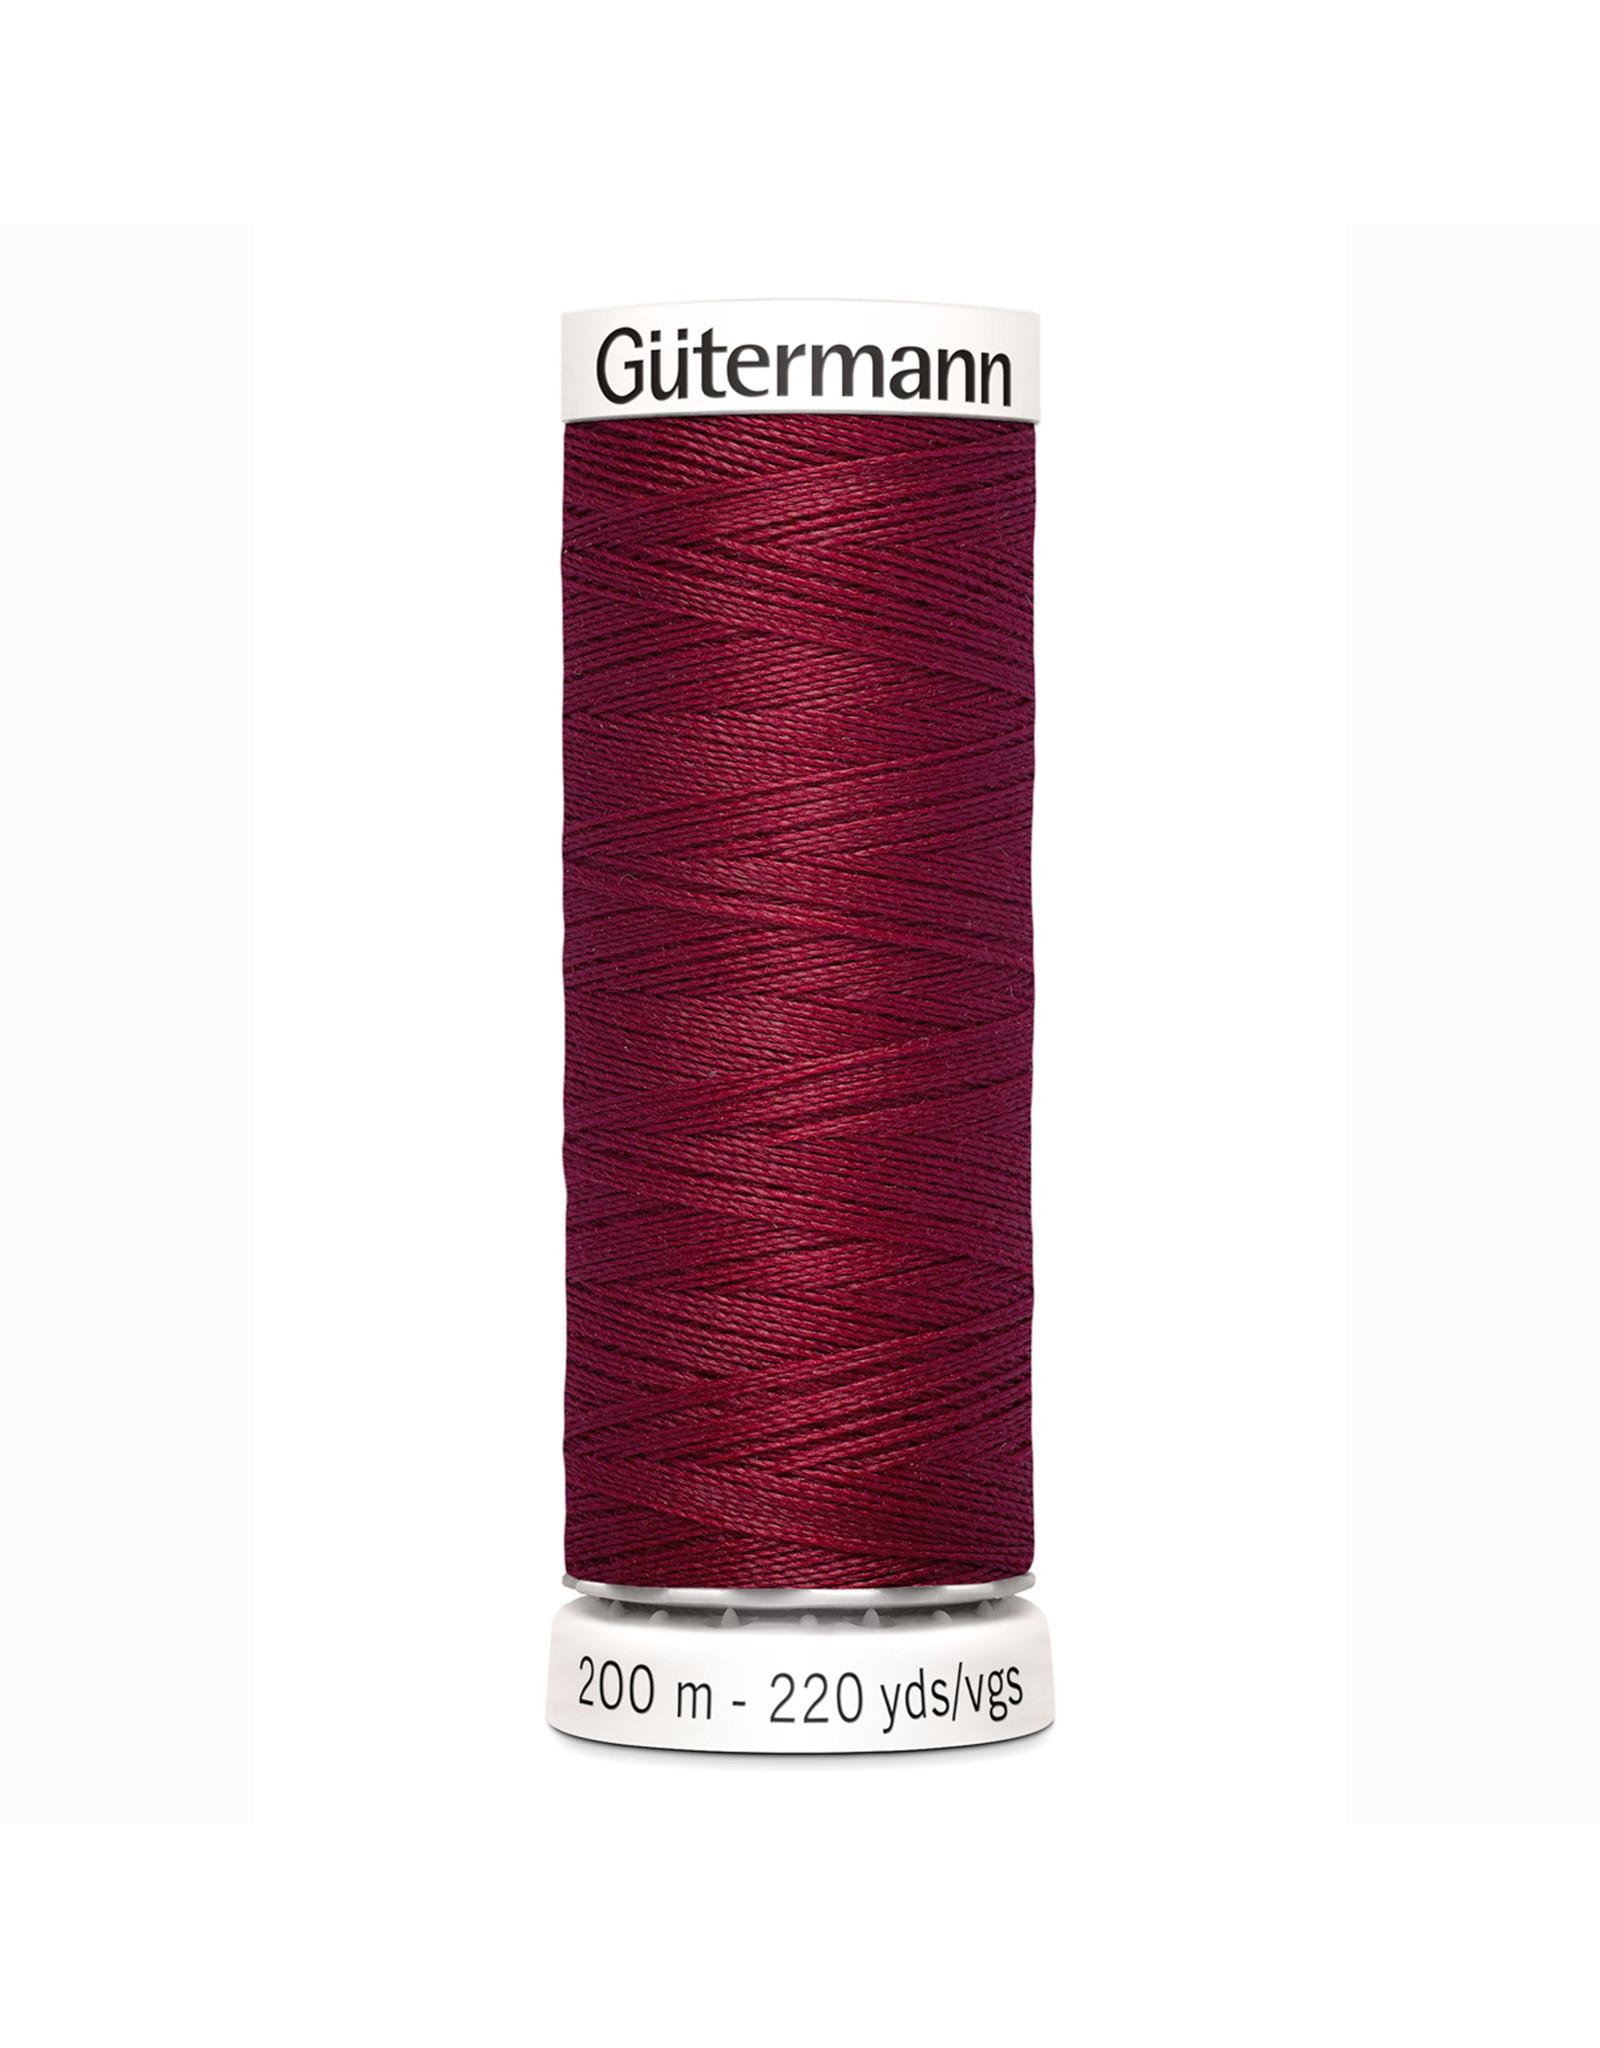 Gütermann Gütermann Nähgarn 200 m - nr 910